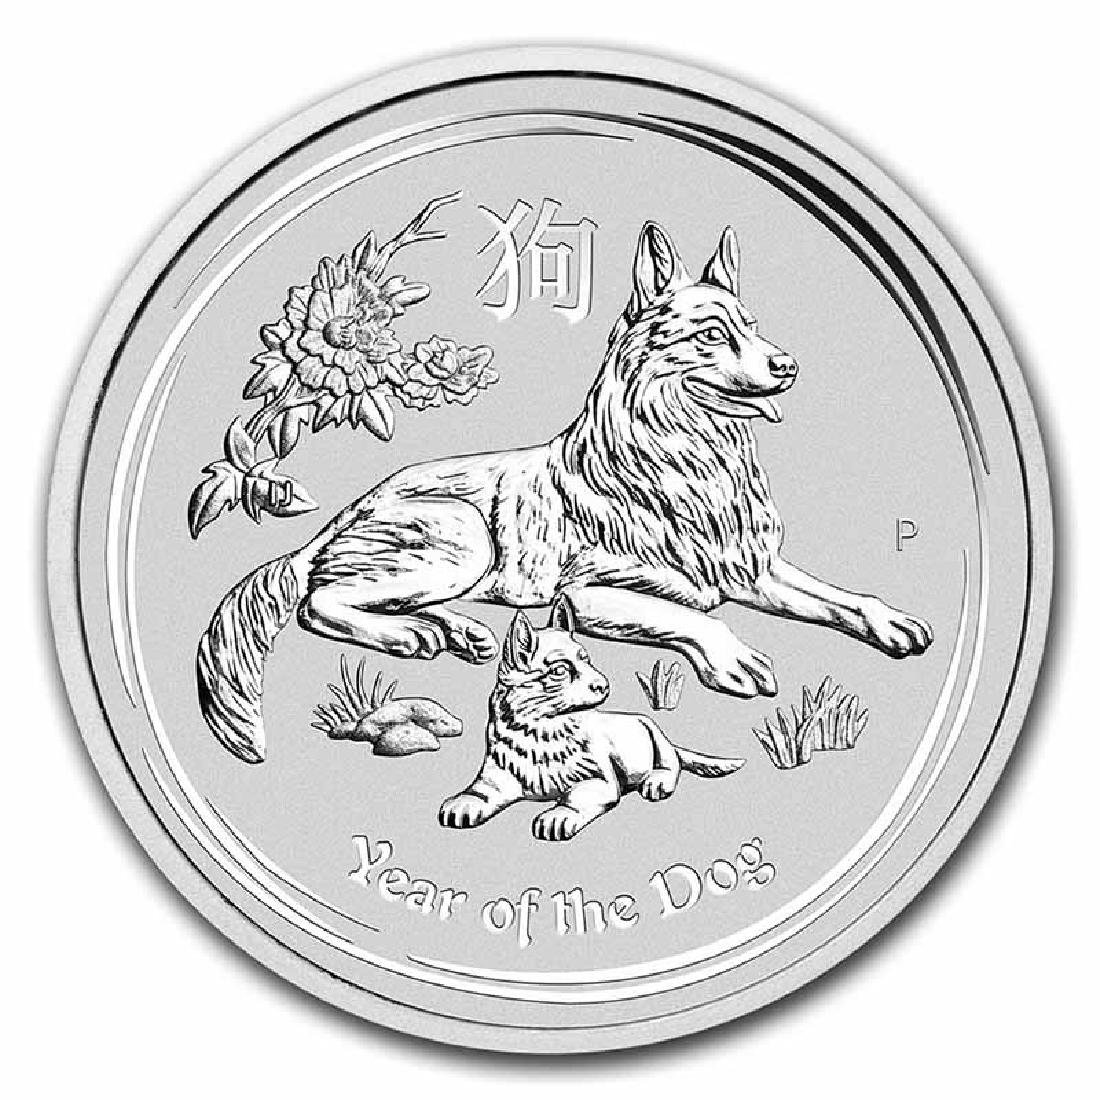 2018 Australia 1/2 oz Silver Lunar Dog